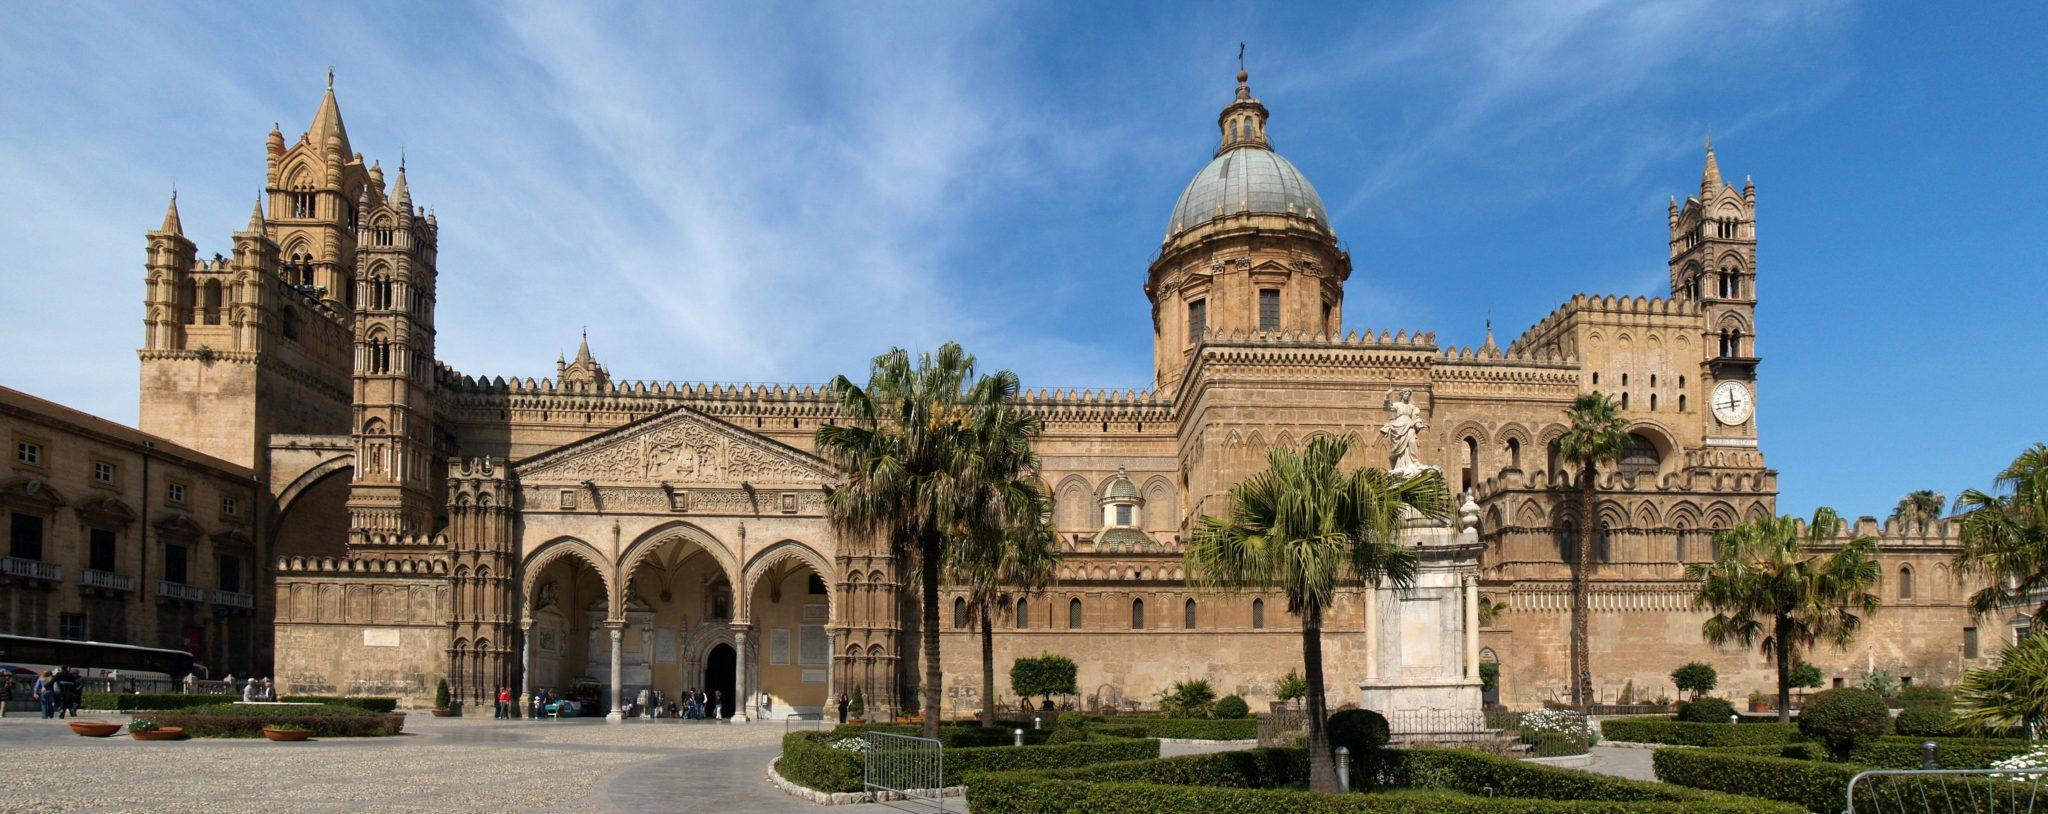 Palermo è Capitale Italiana della Cultura 2018 #CapitaleCultura2018